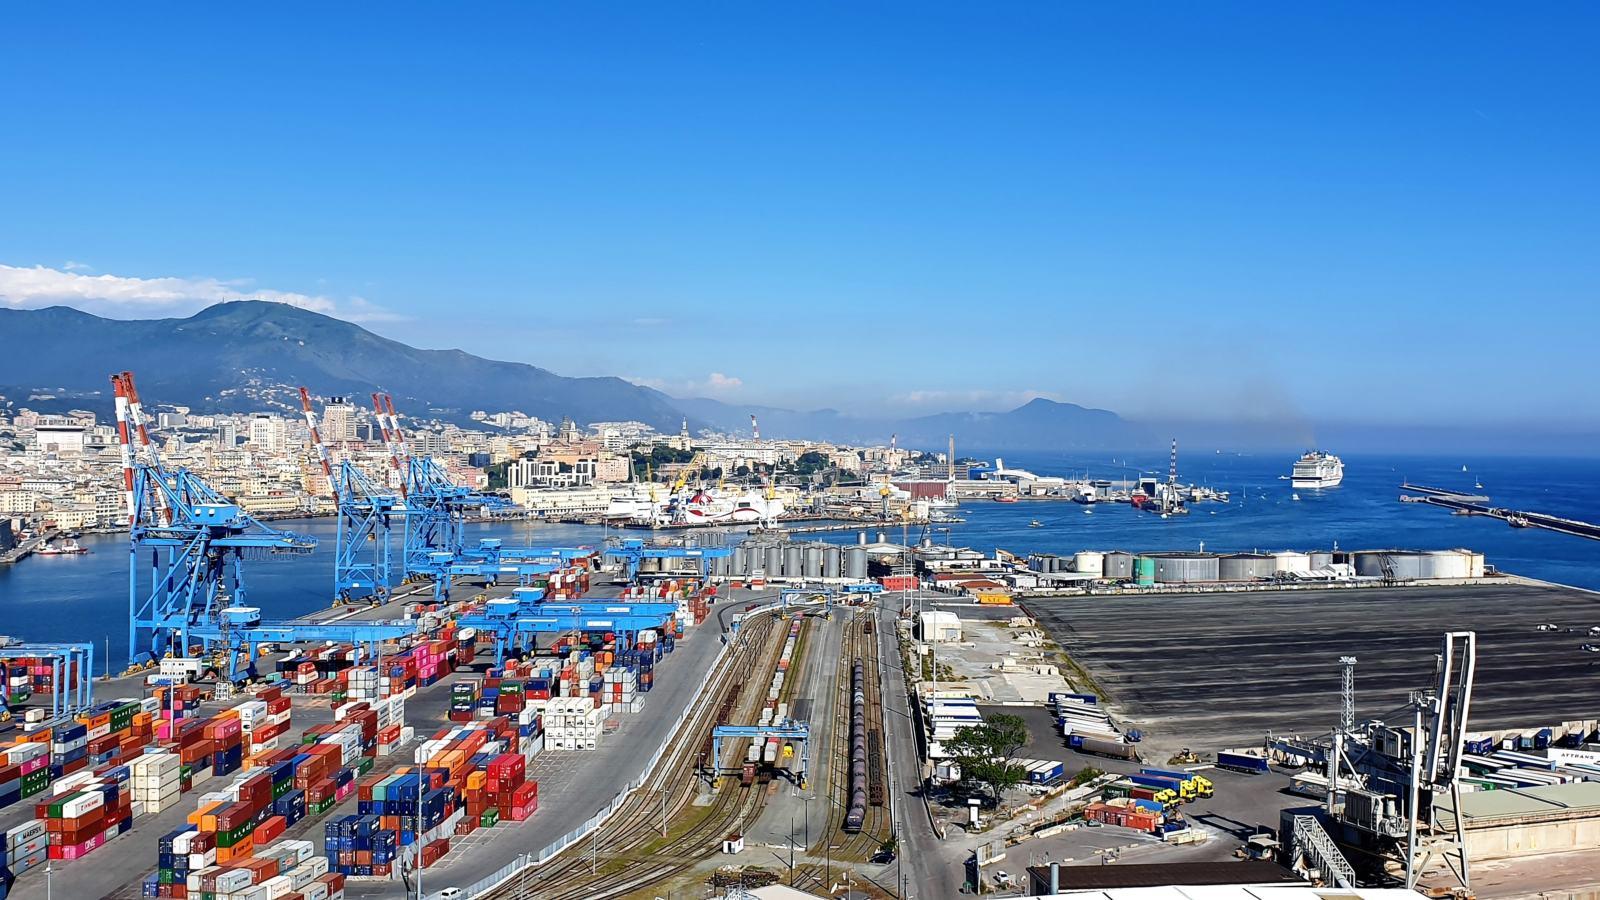 Bacino del Porto di Genova